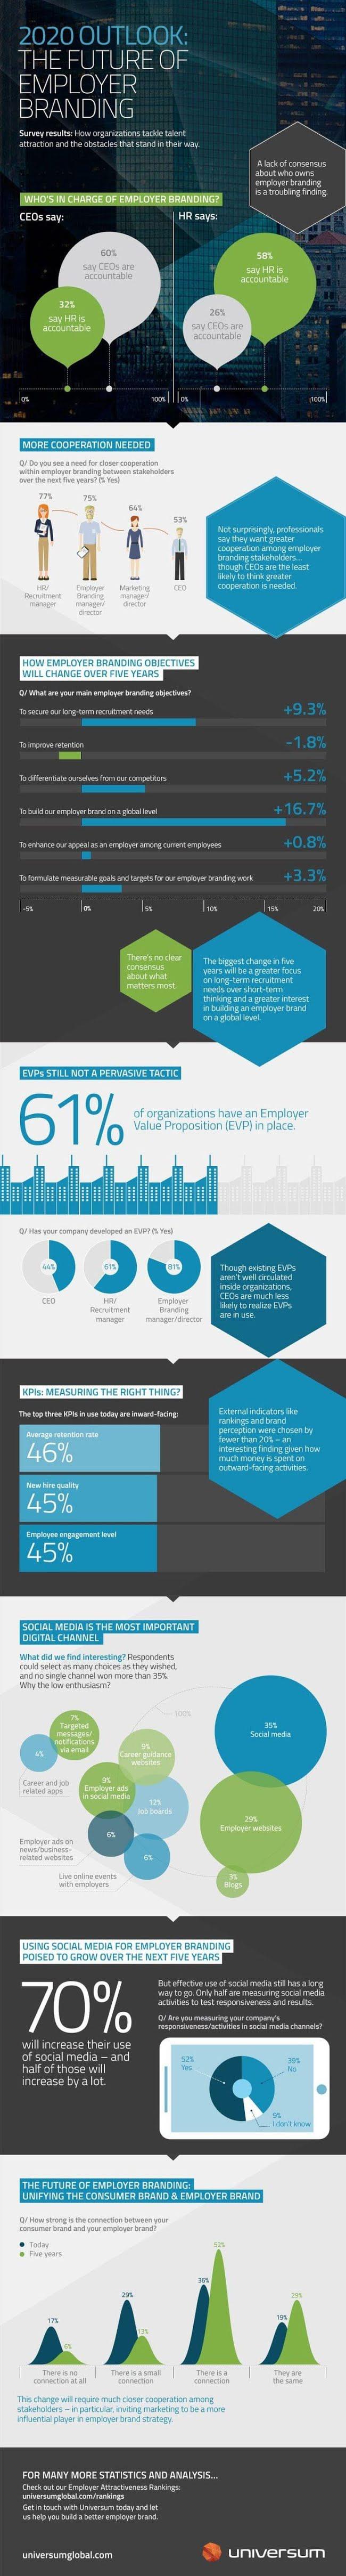 Employer Branding: Is it Important in 2020?